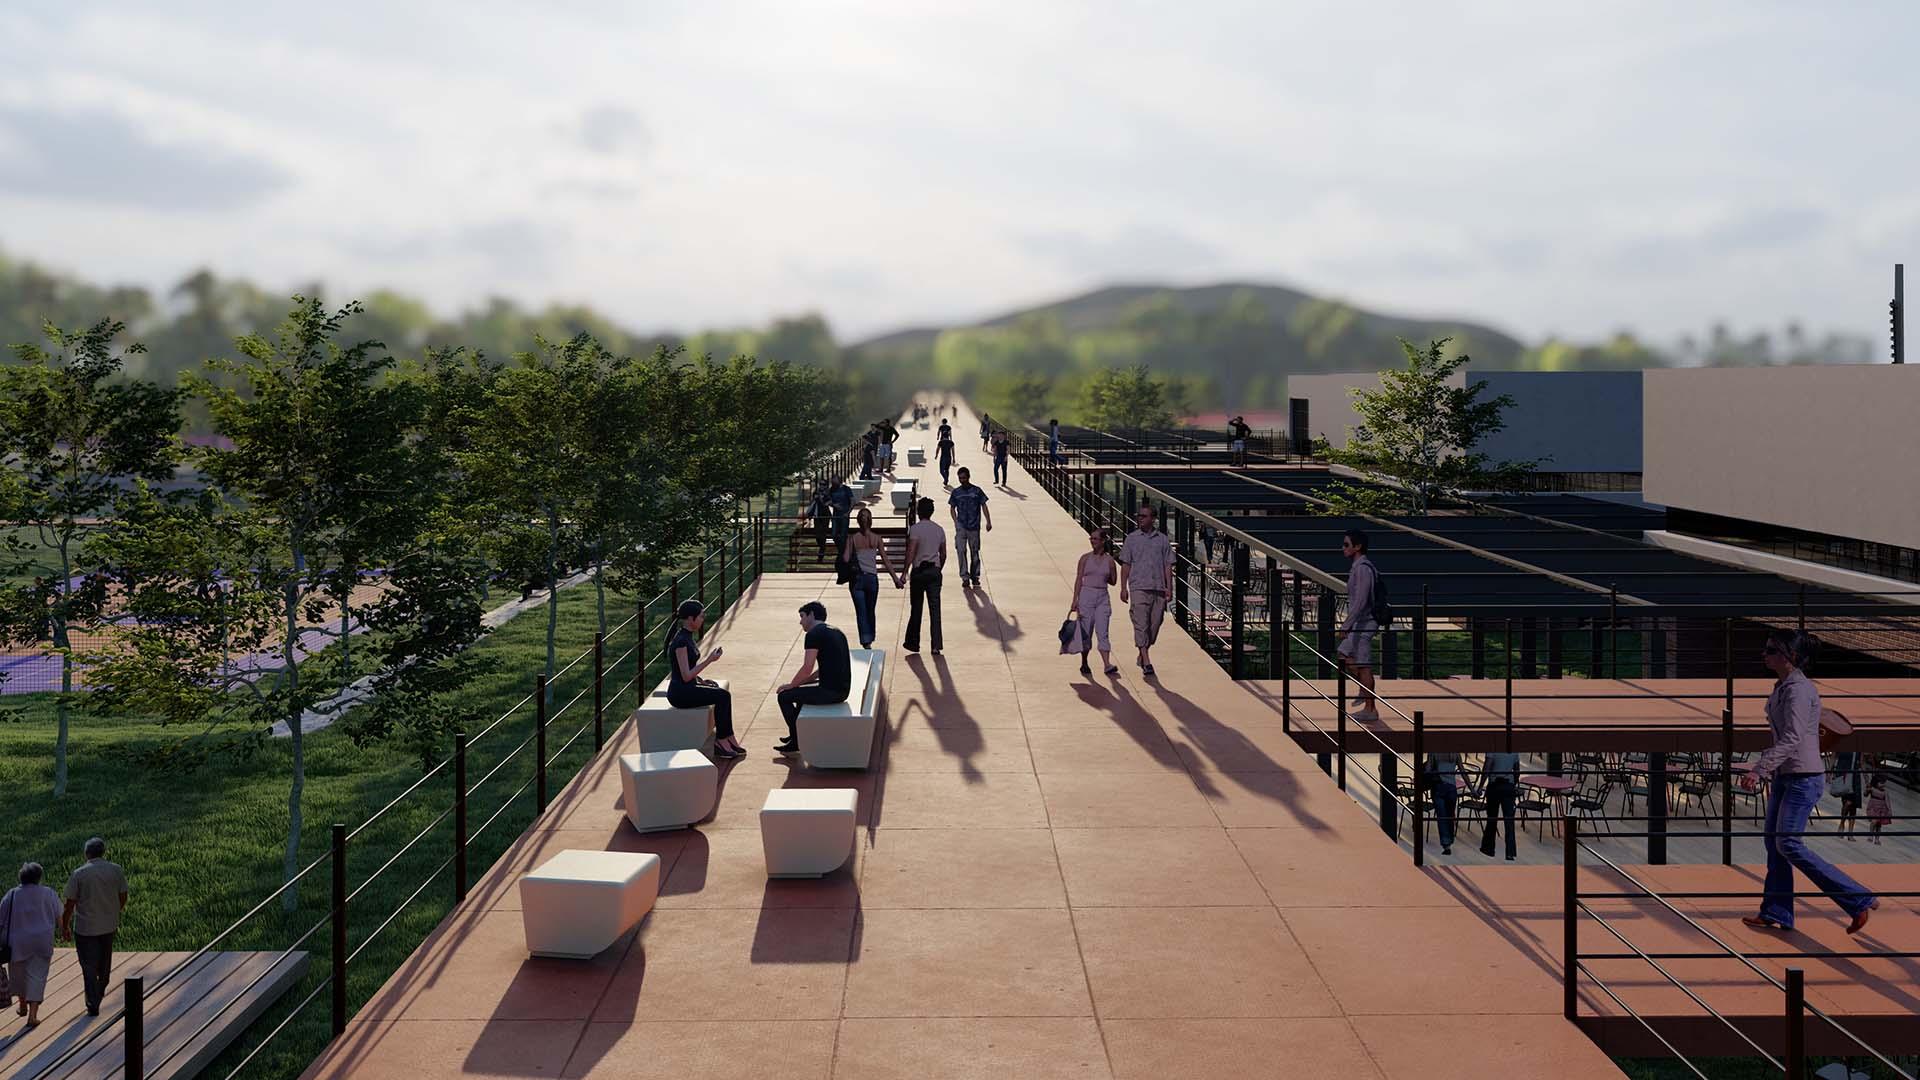 Geniş Yaya Aksı ve Oturma Birimleriyle Oluşturulan Yaya Köprüsü